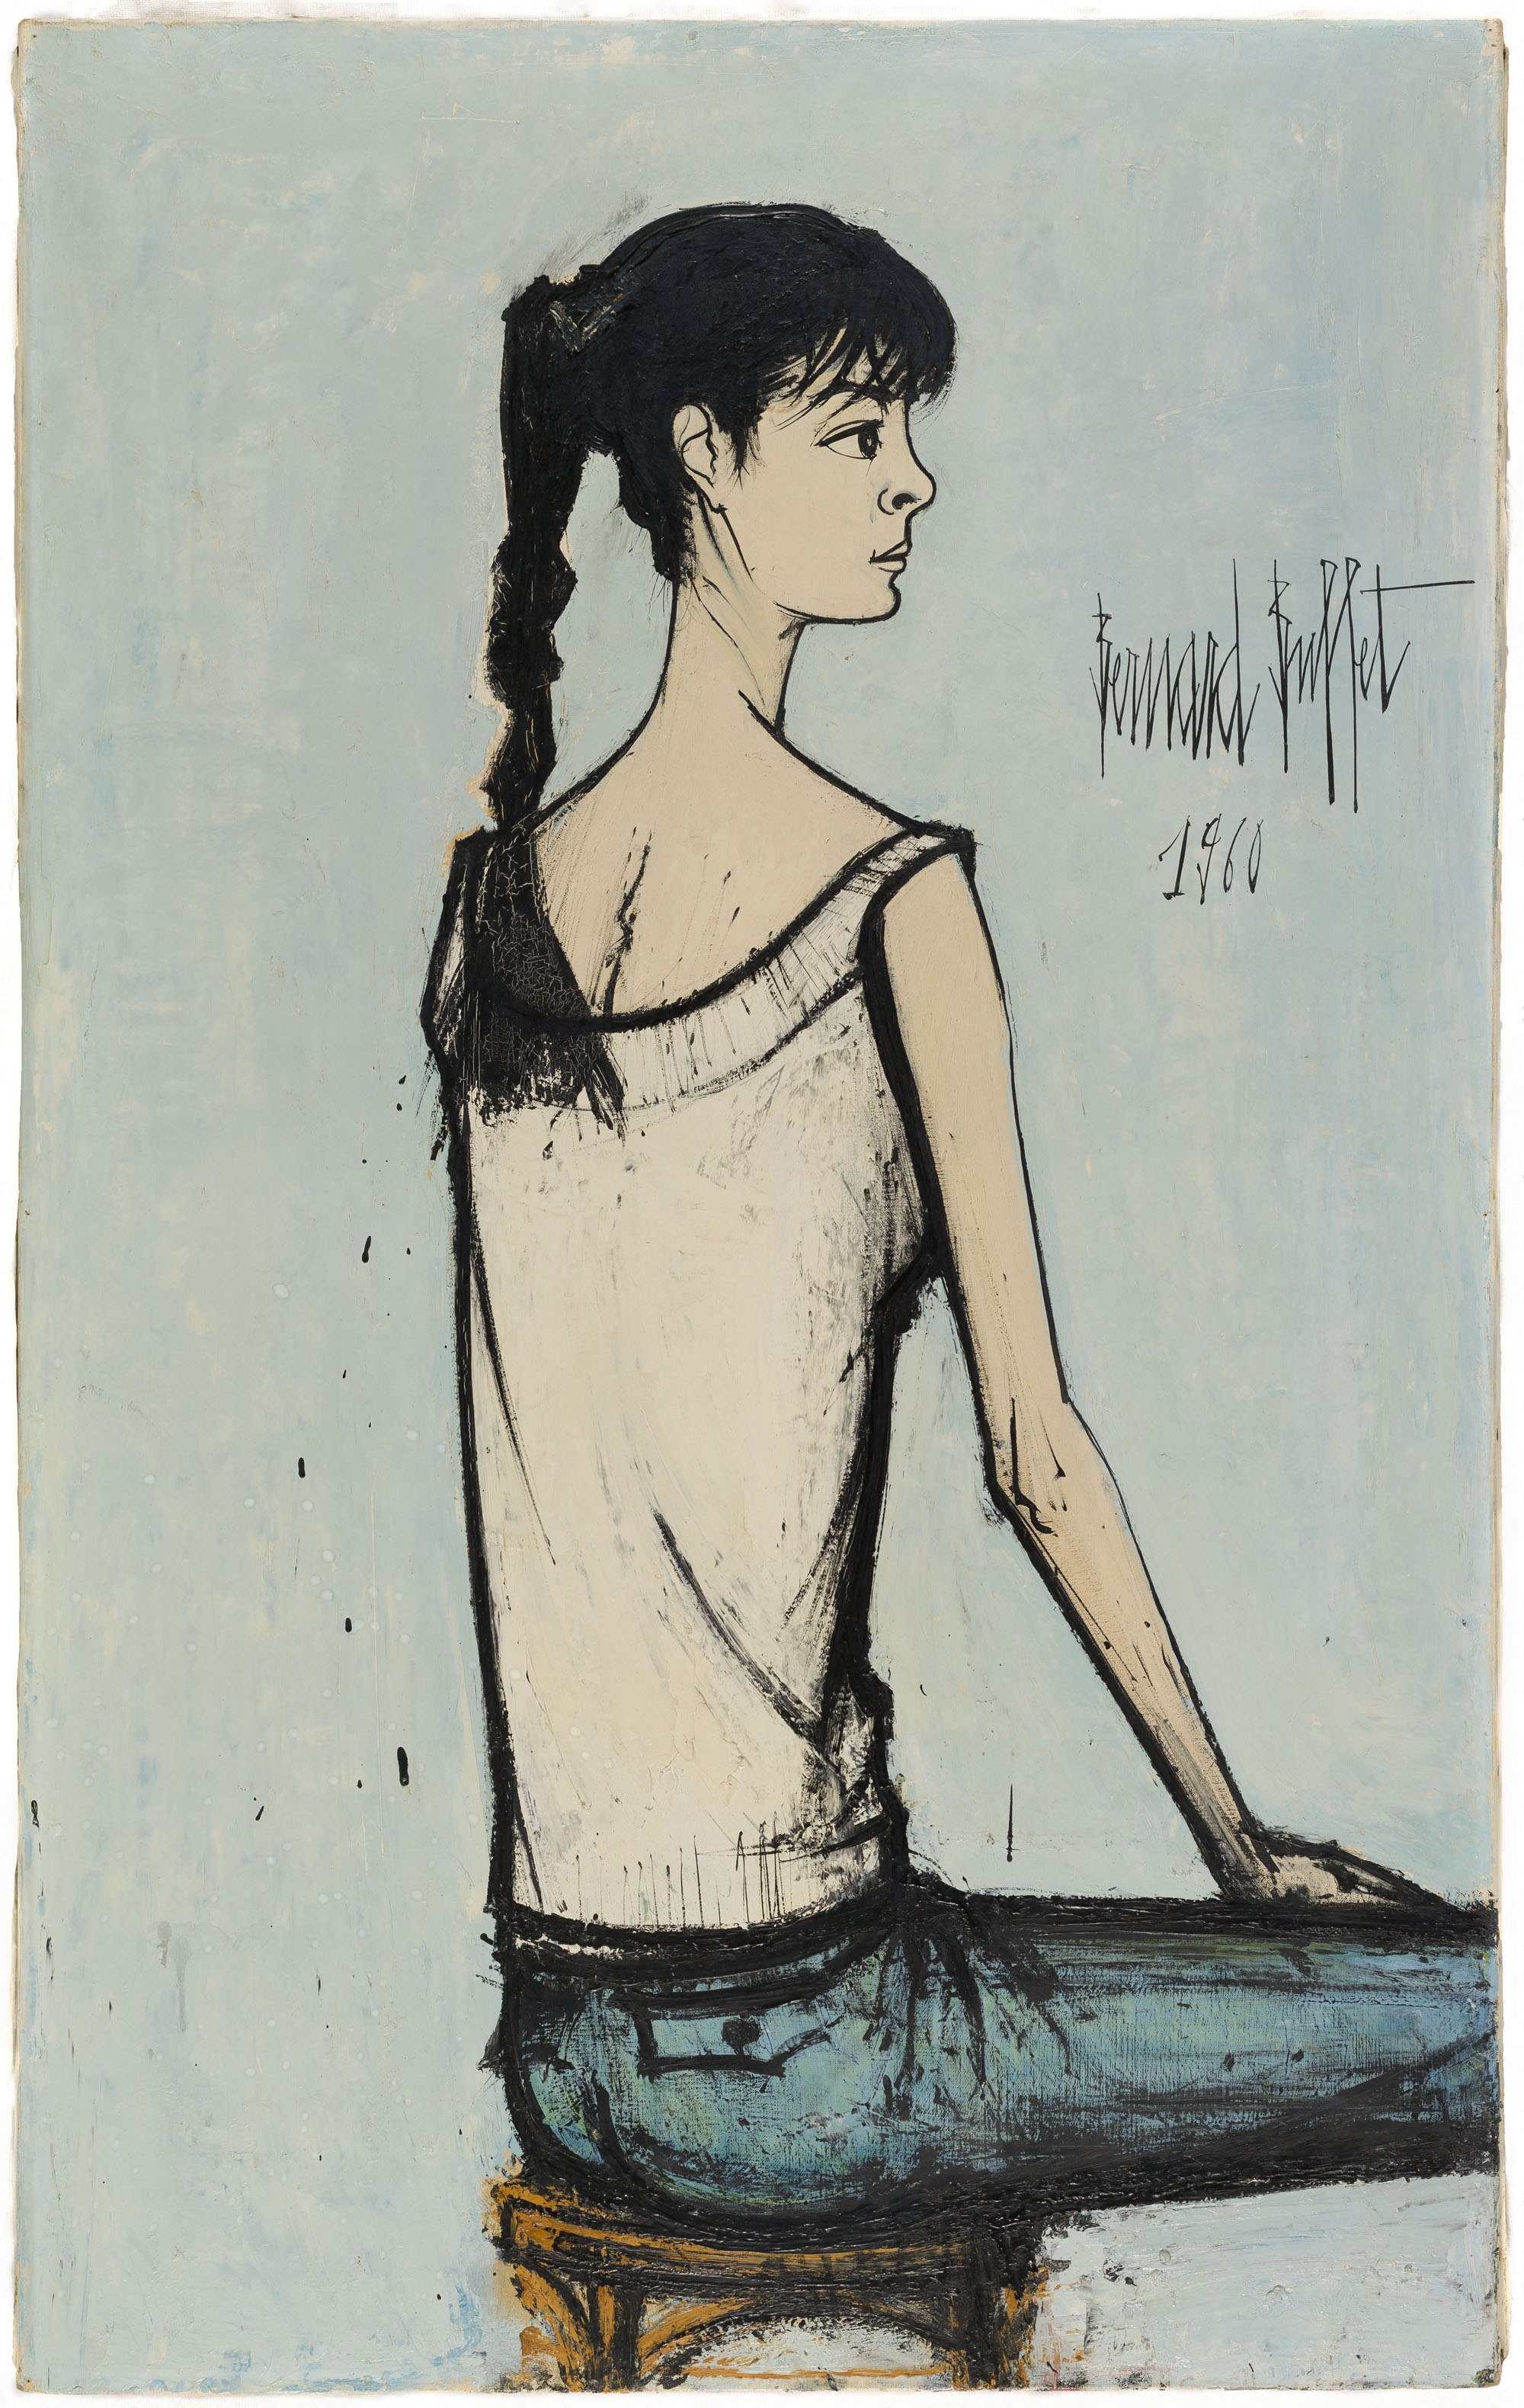 Annabel à la natte, 1960 130 x 81 cm, huile sur toile Musée d'Art moderne de la Ville de Paris